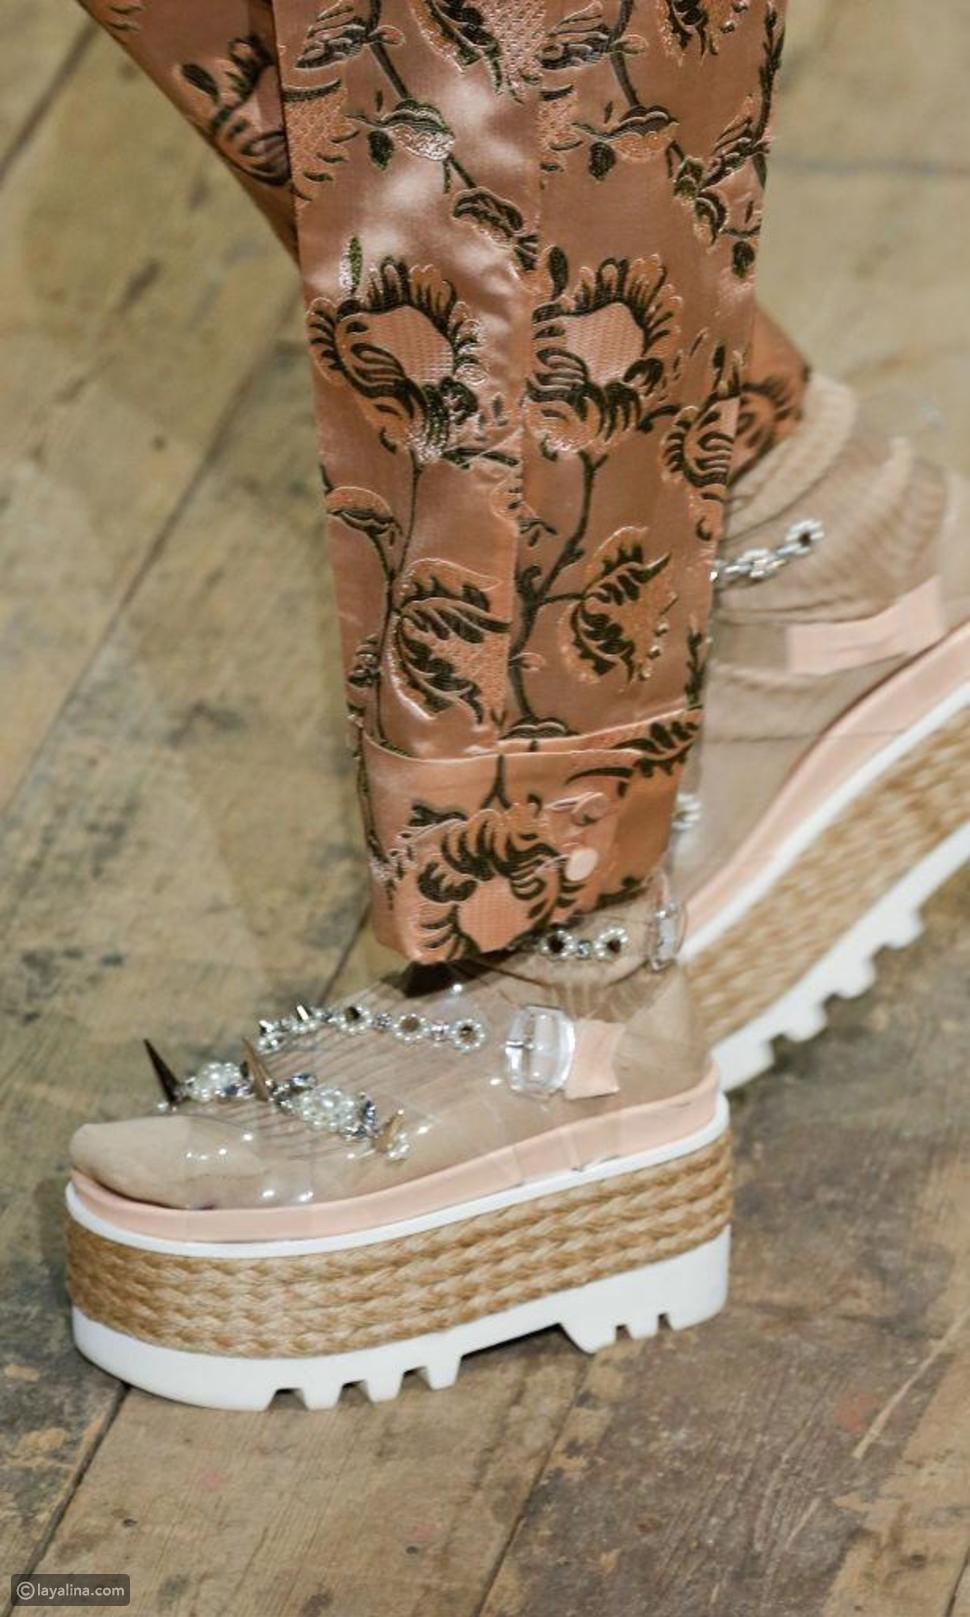 أحذية مكتنزةUltra-chunky platforms